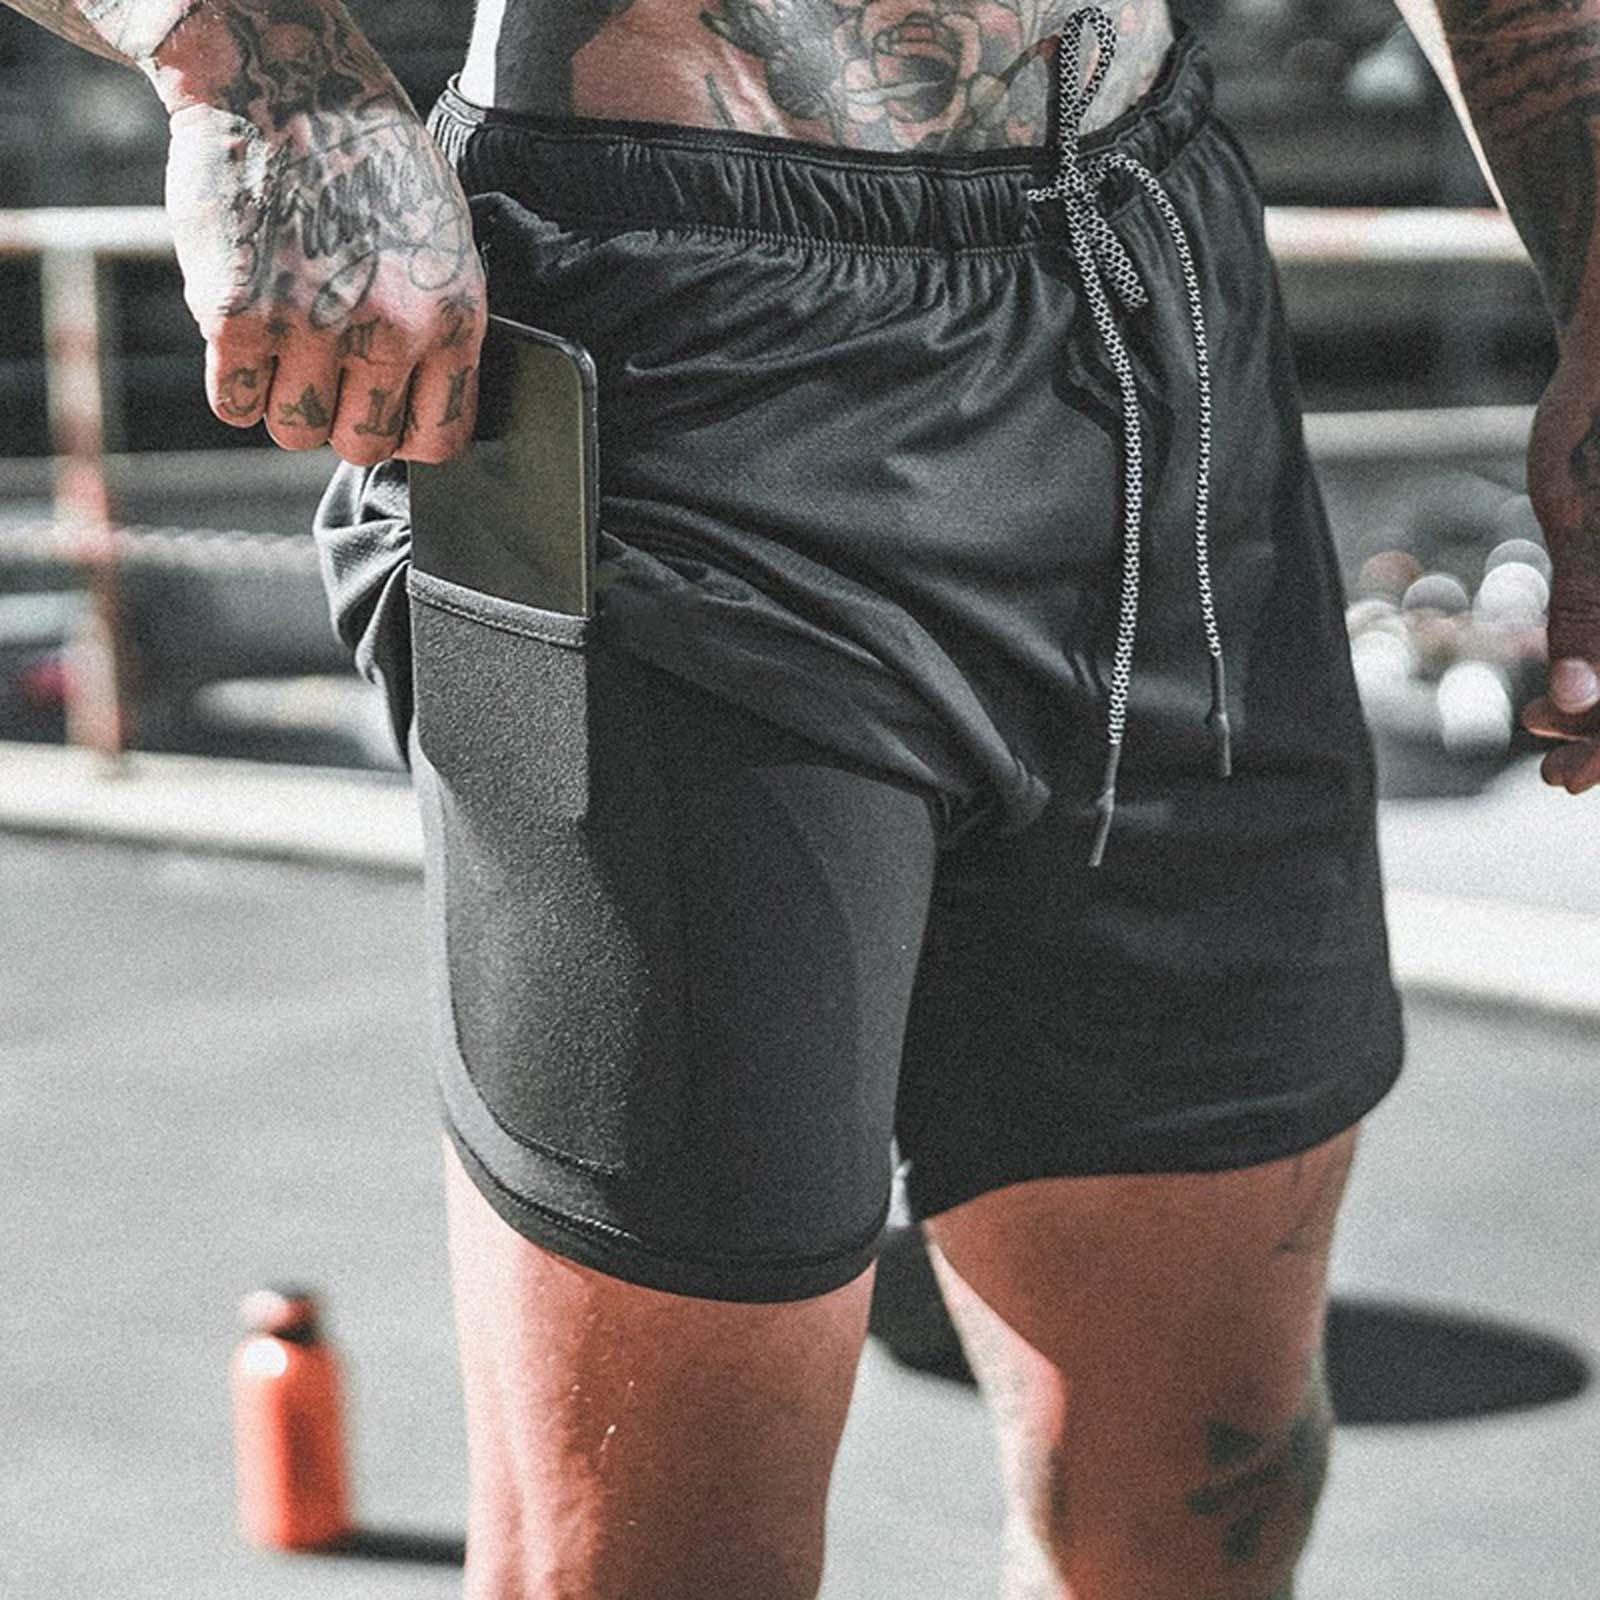 Мужские спортивные шорты с карманами, двухслойные быстросохнущие шорты для тренажерного зала, плавки, шорты для фитнеса, обтягивающие мужс...